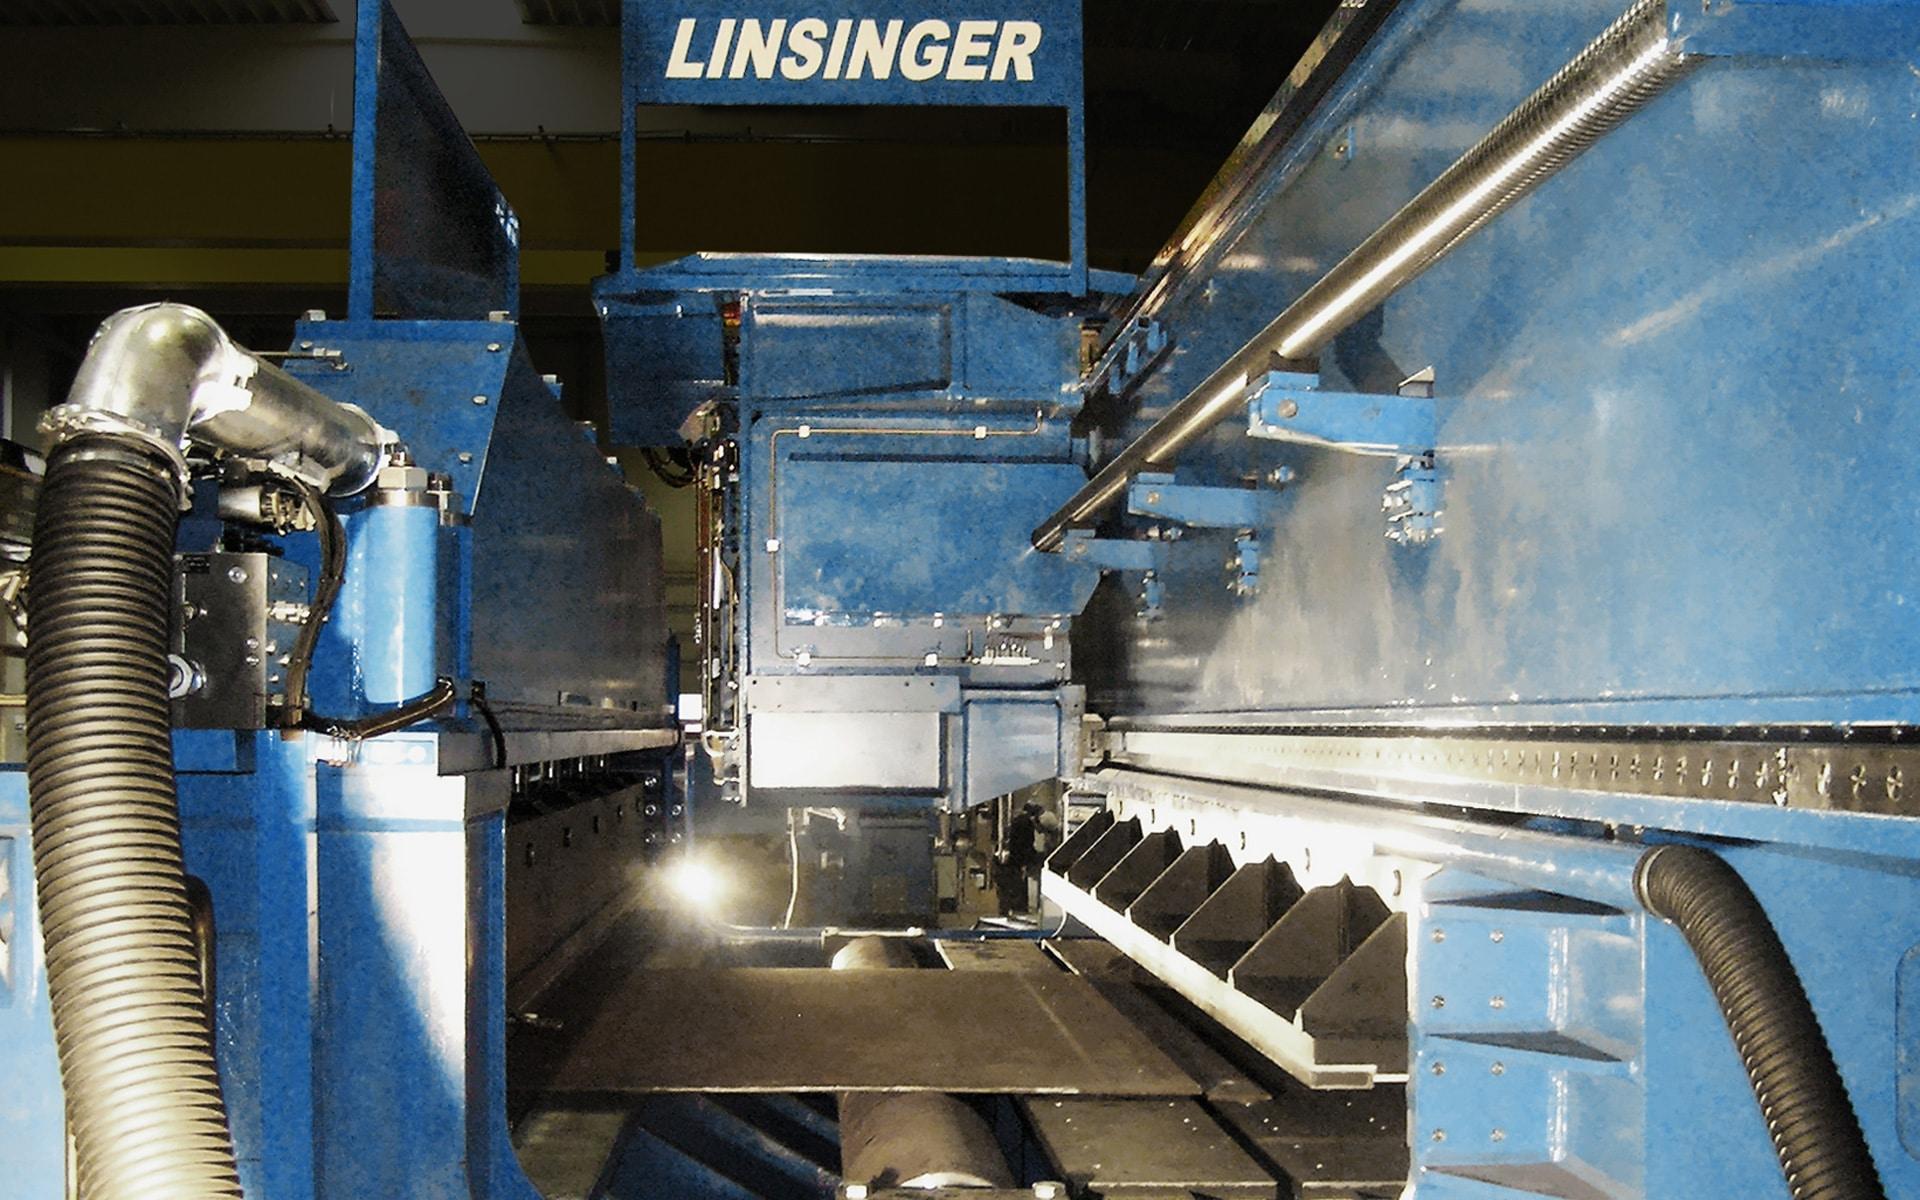 Sonderfräsanlagen Für Rohrindustrie